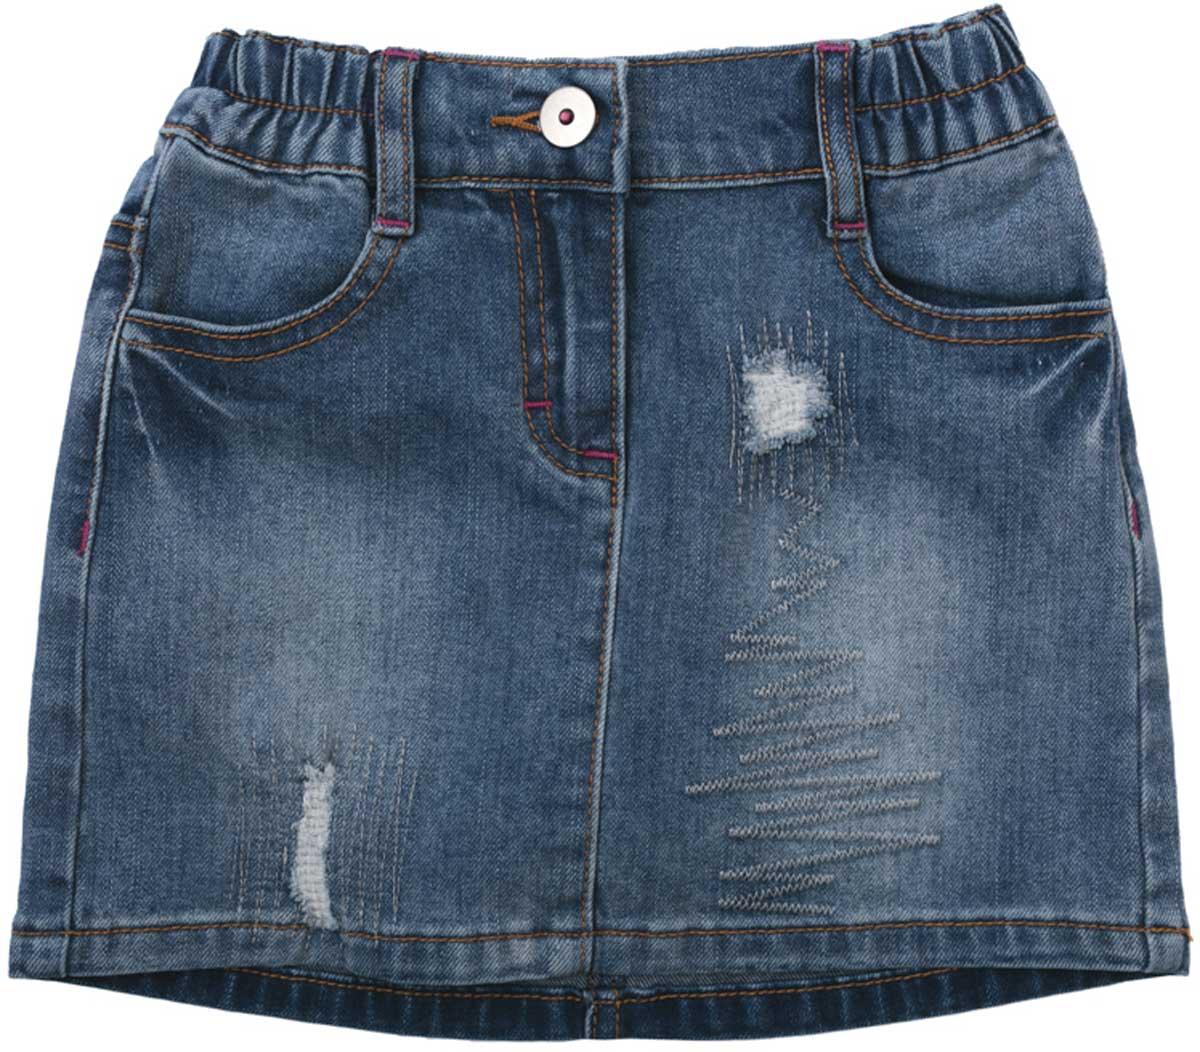 Юбка172062Яркая стильная юбка PlayToday станет хорошим дополнением детского гардероба. Юбка на резинке, мягкая ткань не сковывает движений ребенка. Материал приятен к телу и не вызывает раздражений.